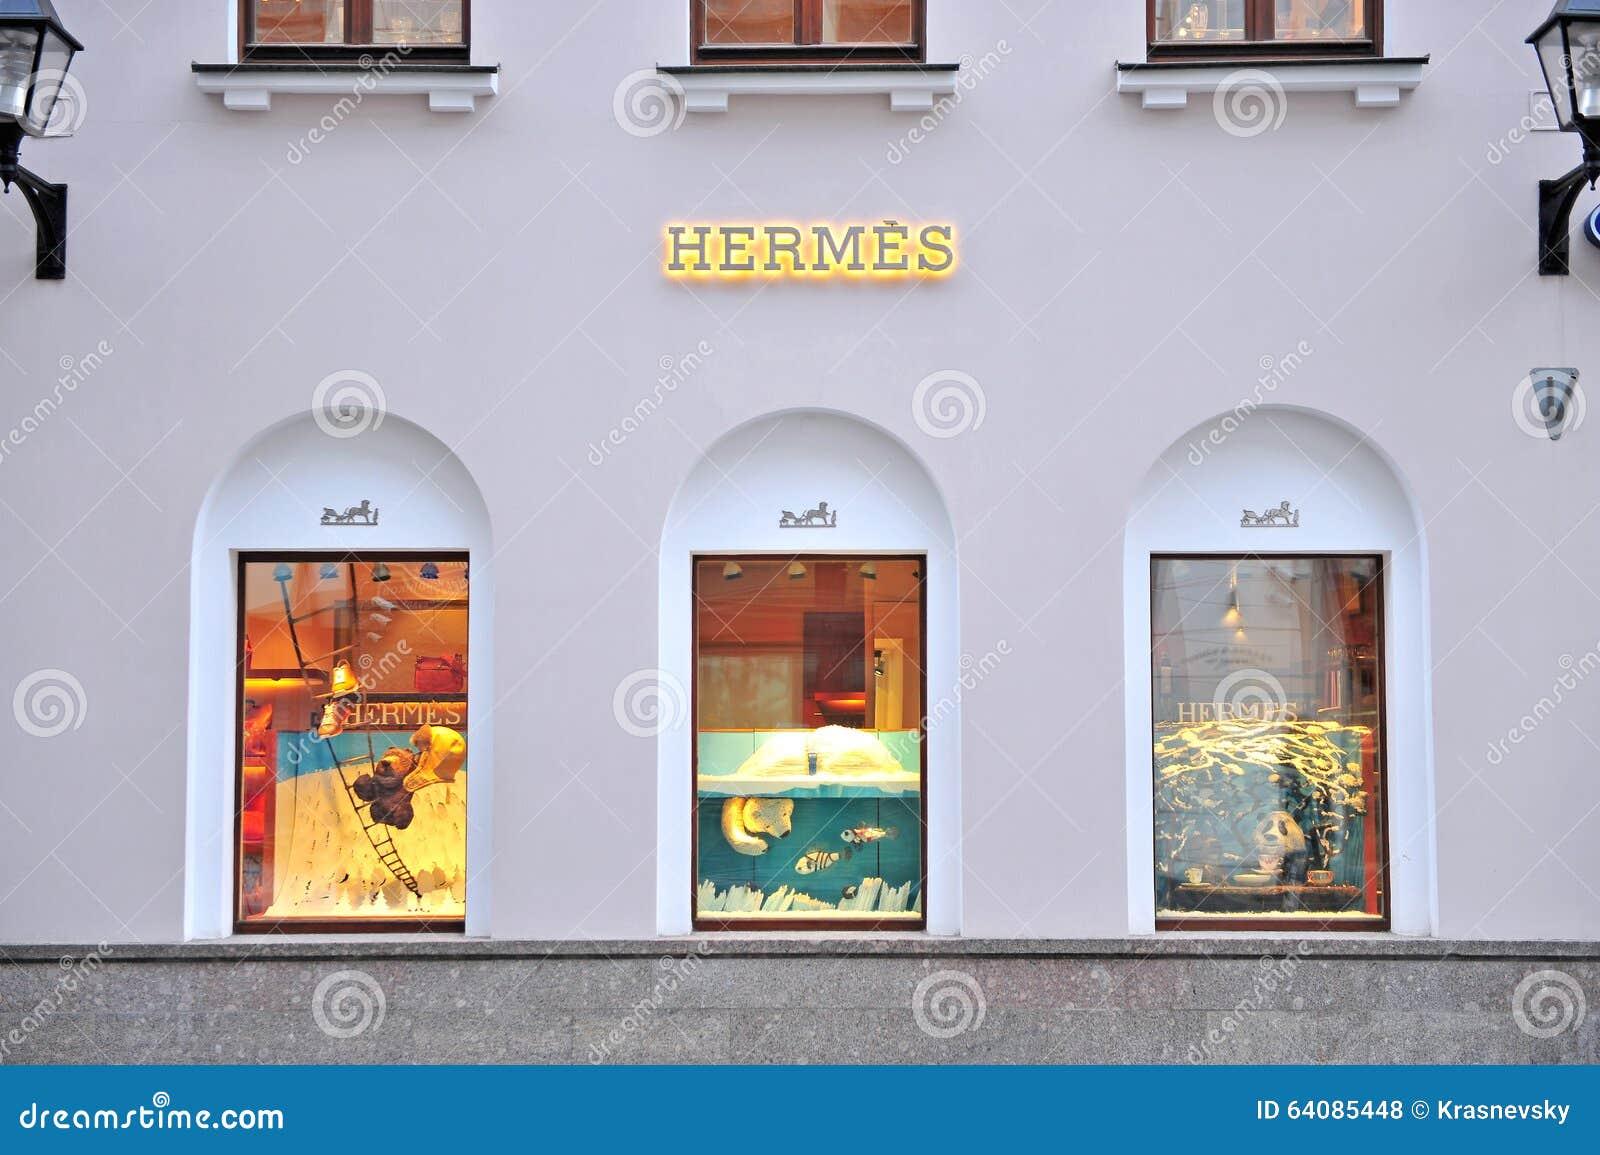 098769b6b9a5 МОСКВА, РОССИЯ - 20-ОЕ ДЕКАБРЯ: Фасад флагманского магазина Hermes в Москве  20-ого декабря 2015 Hermes ателье мод моды мира известное роскошное